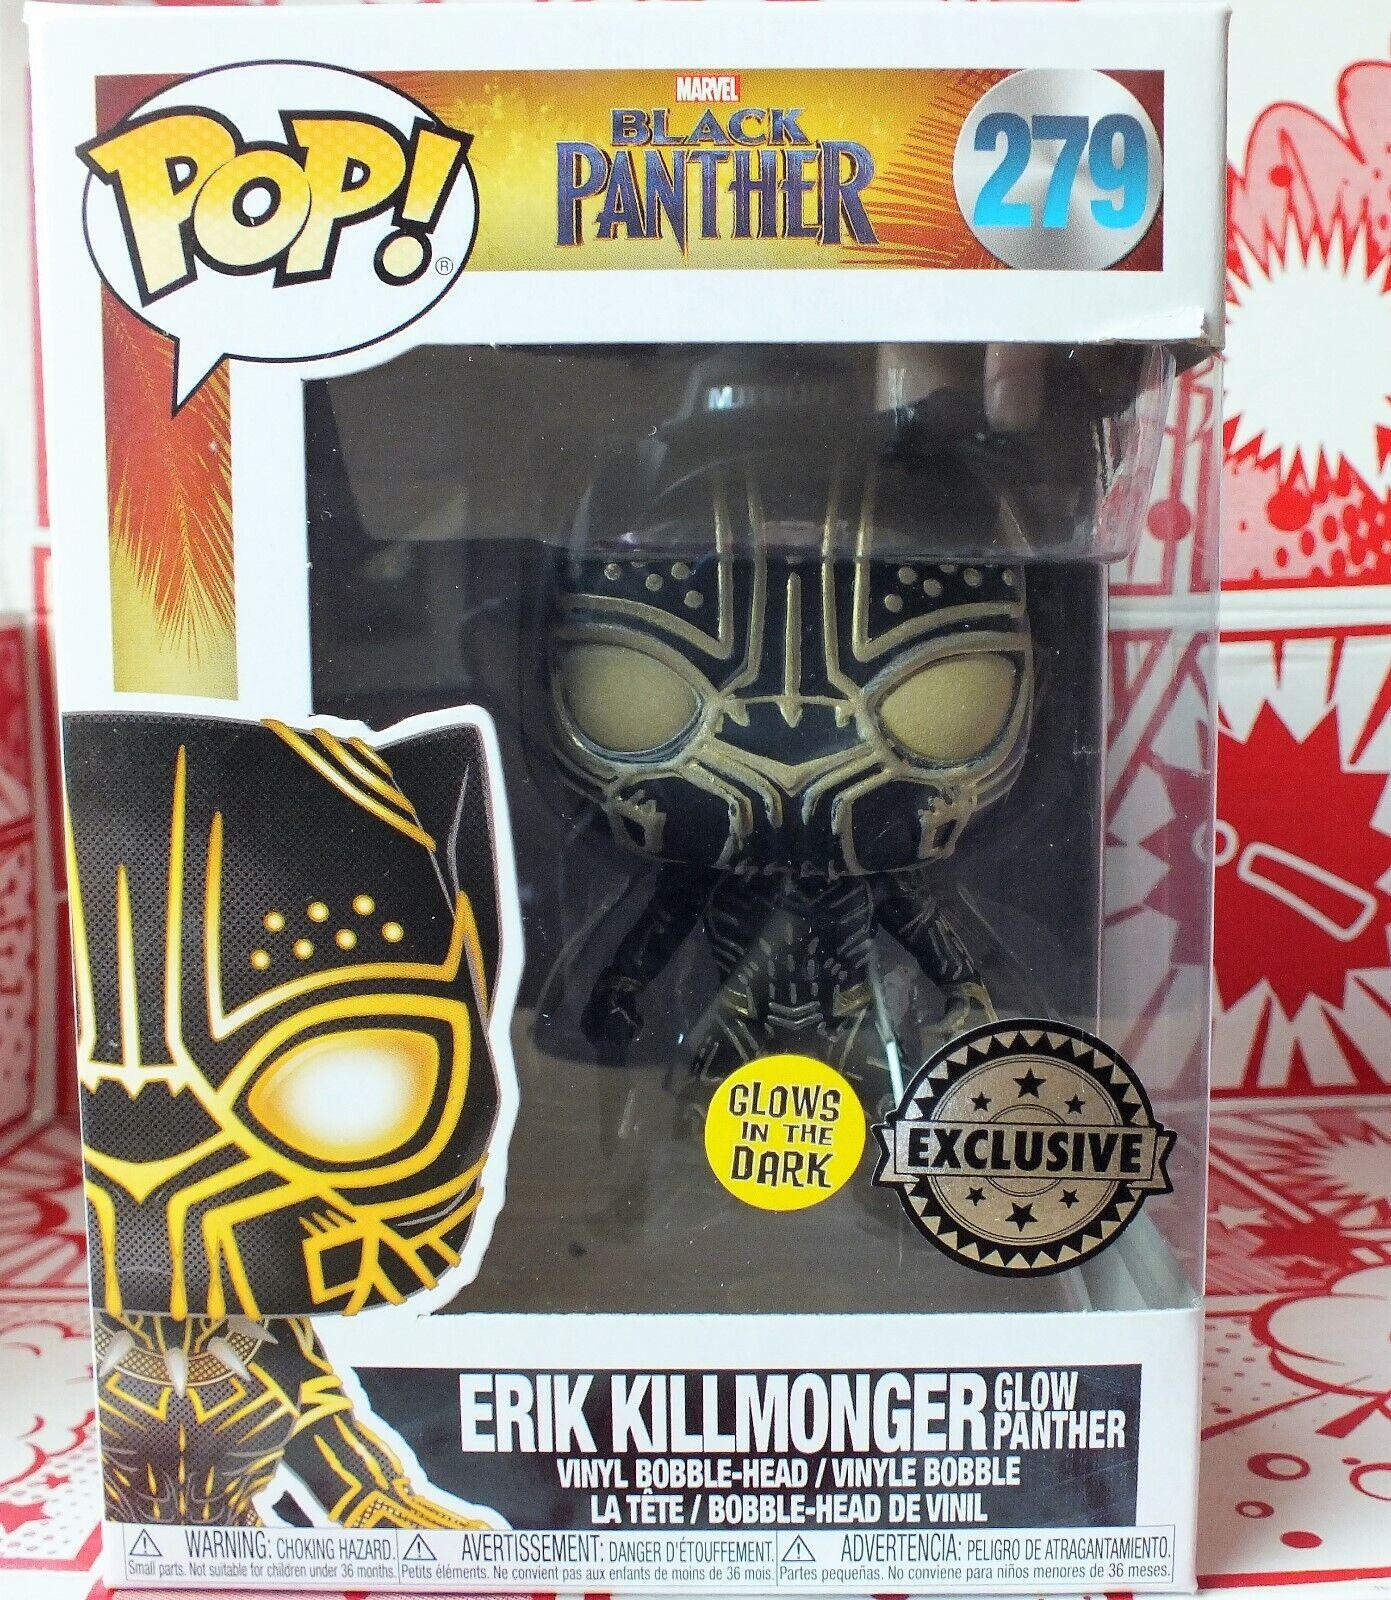 Erik Killmonger Glow Panther Exclusive Glow In The Dark Funko pop vinyl New